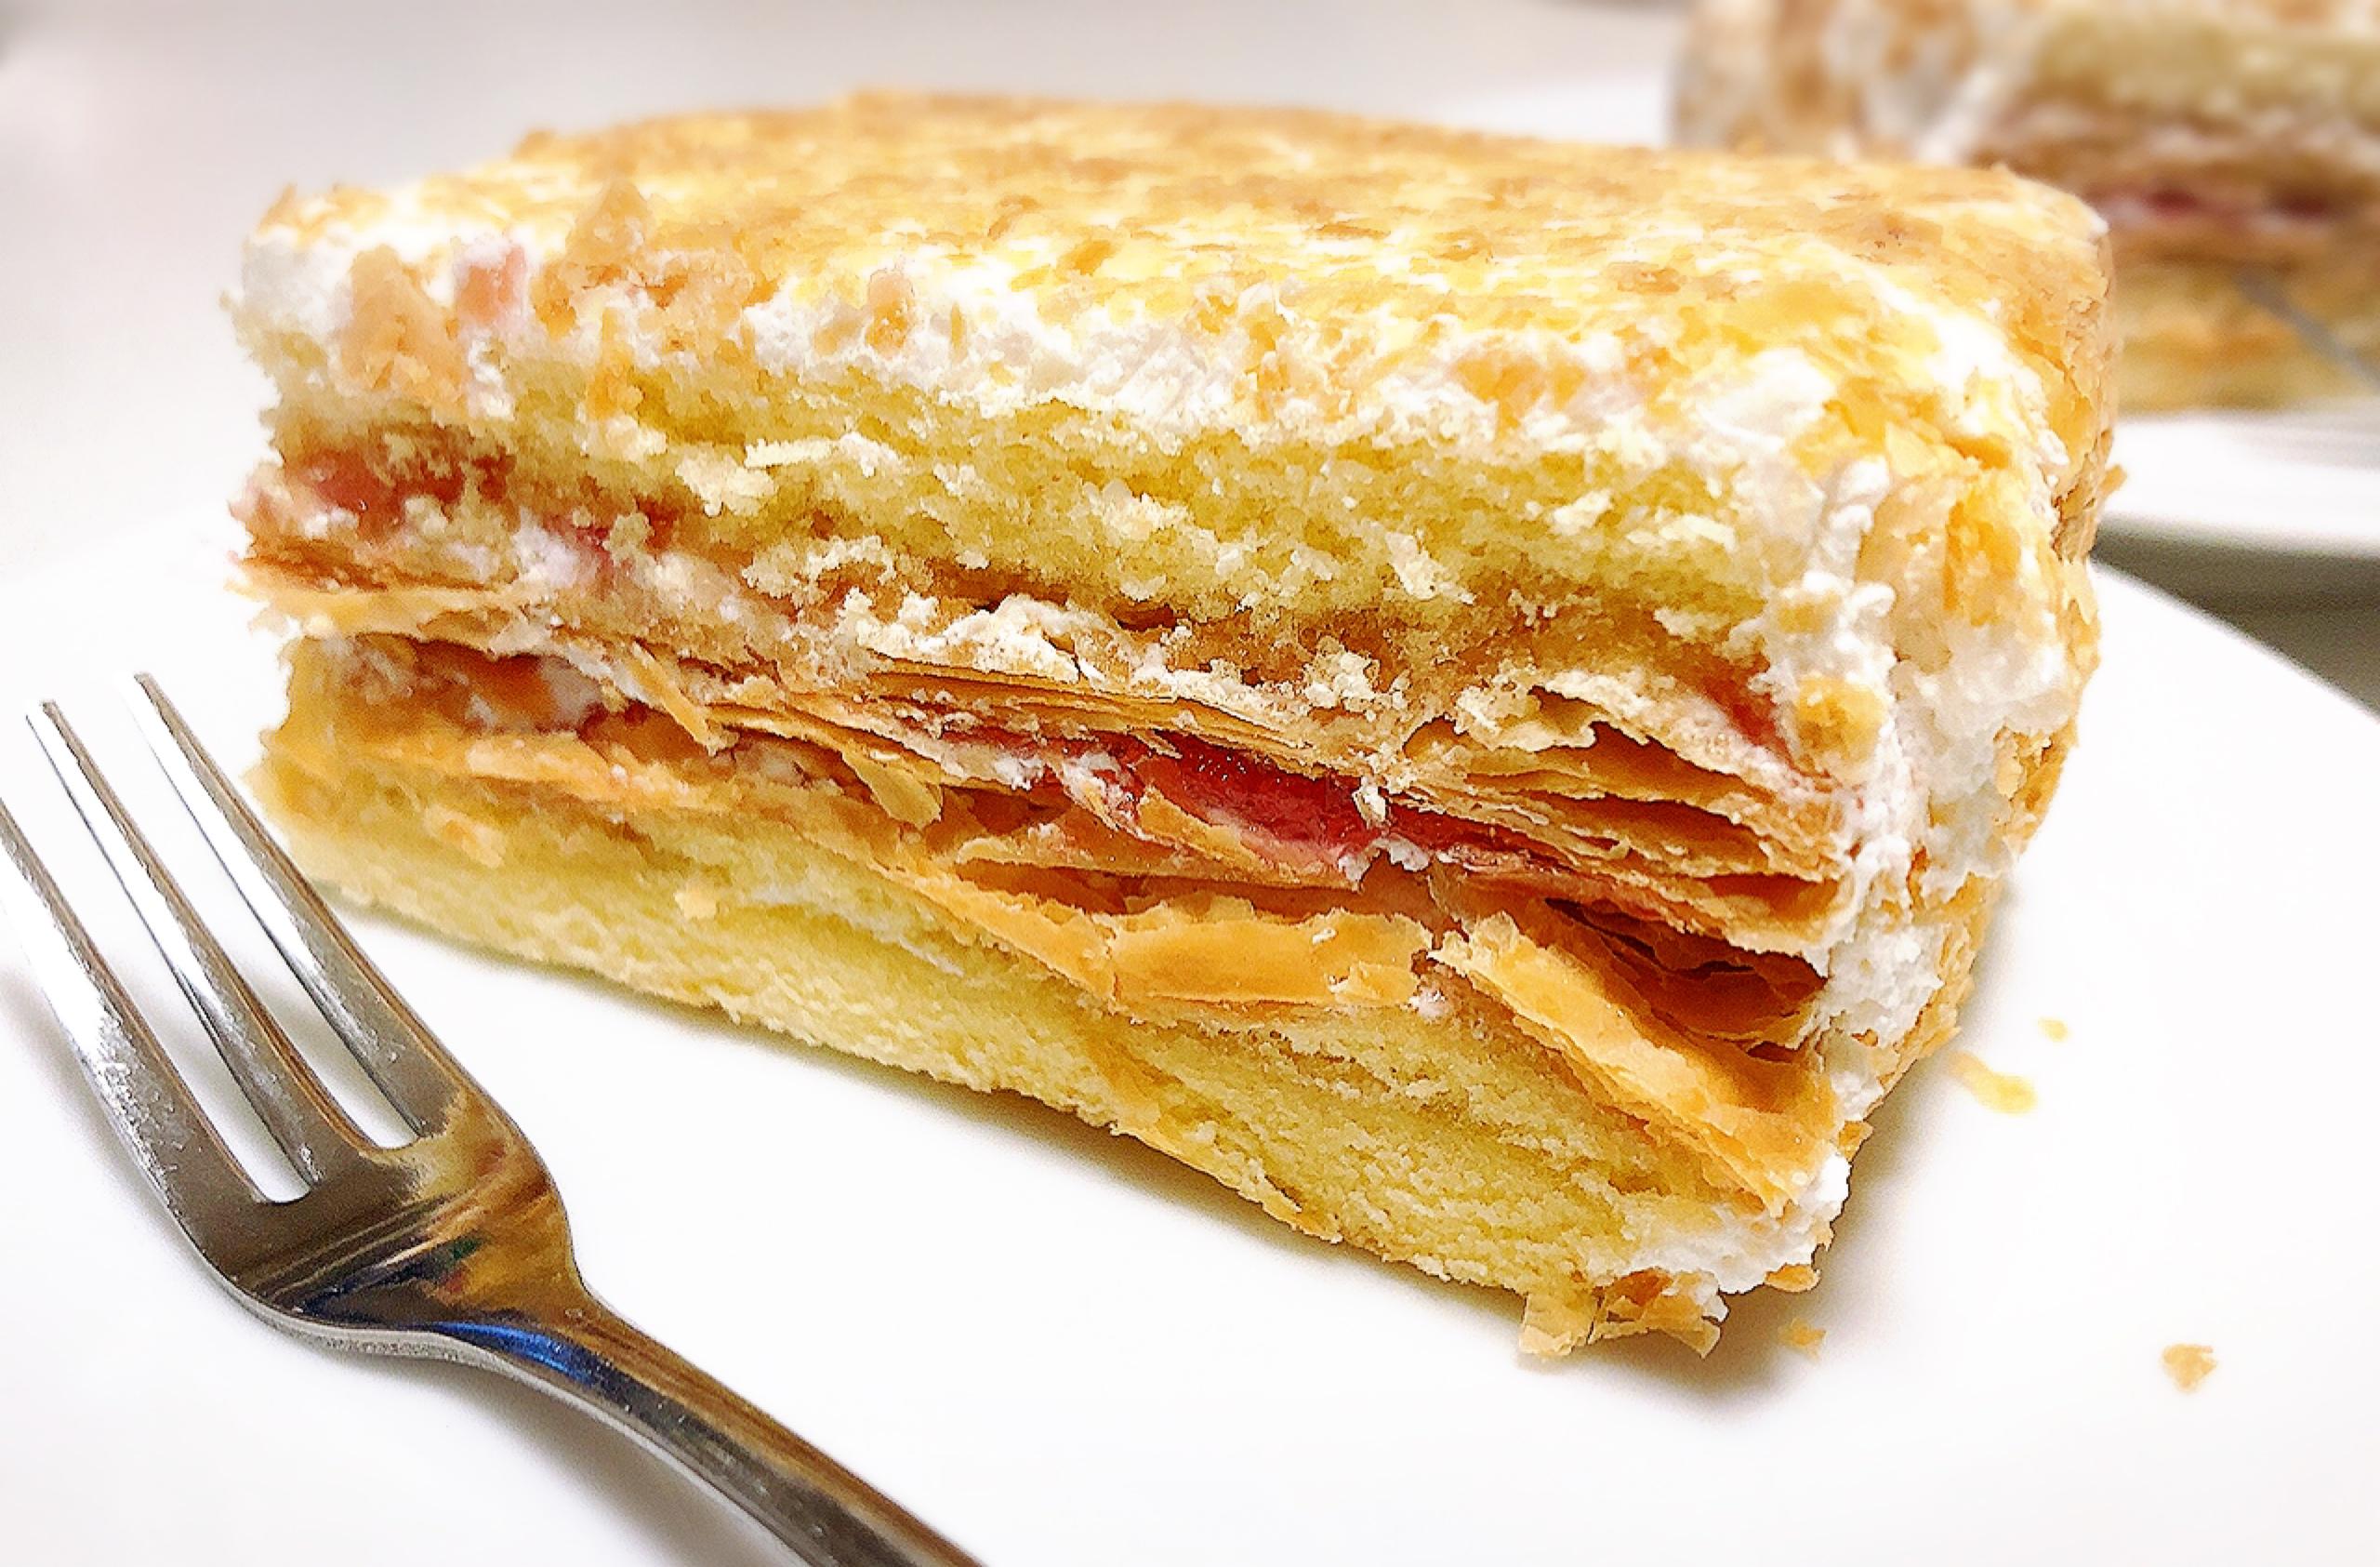 【おすすめいちごスイーツ】【#静岡】お取り寄せ可♡伊豆でGET♩木いちごパイケーキ_5